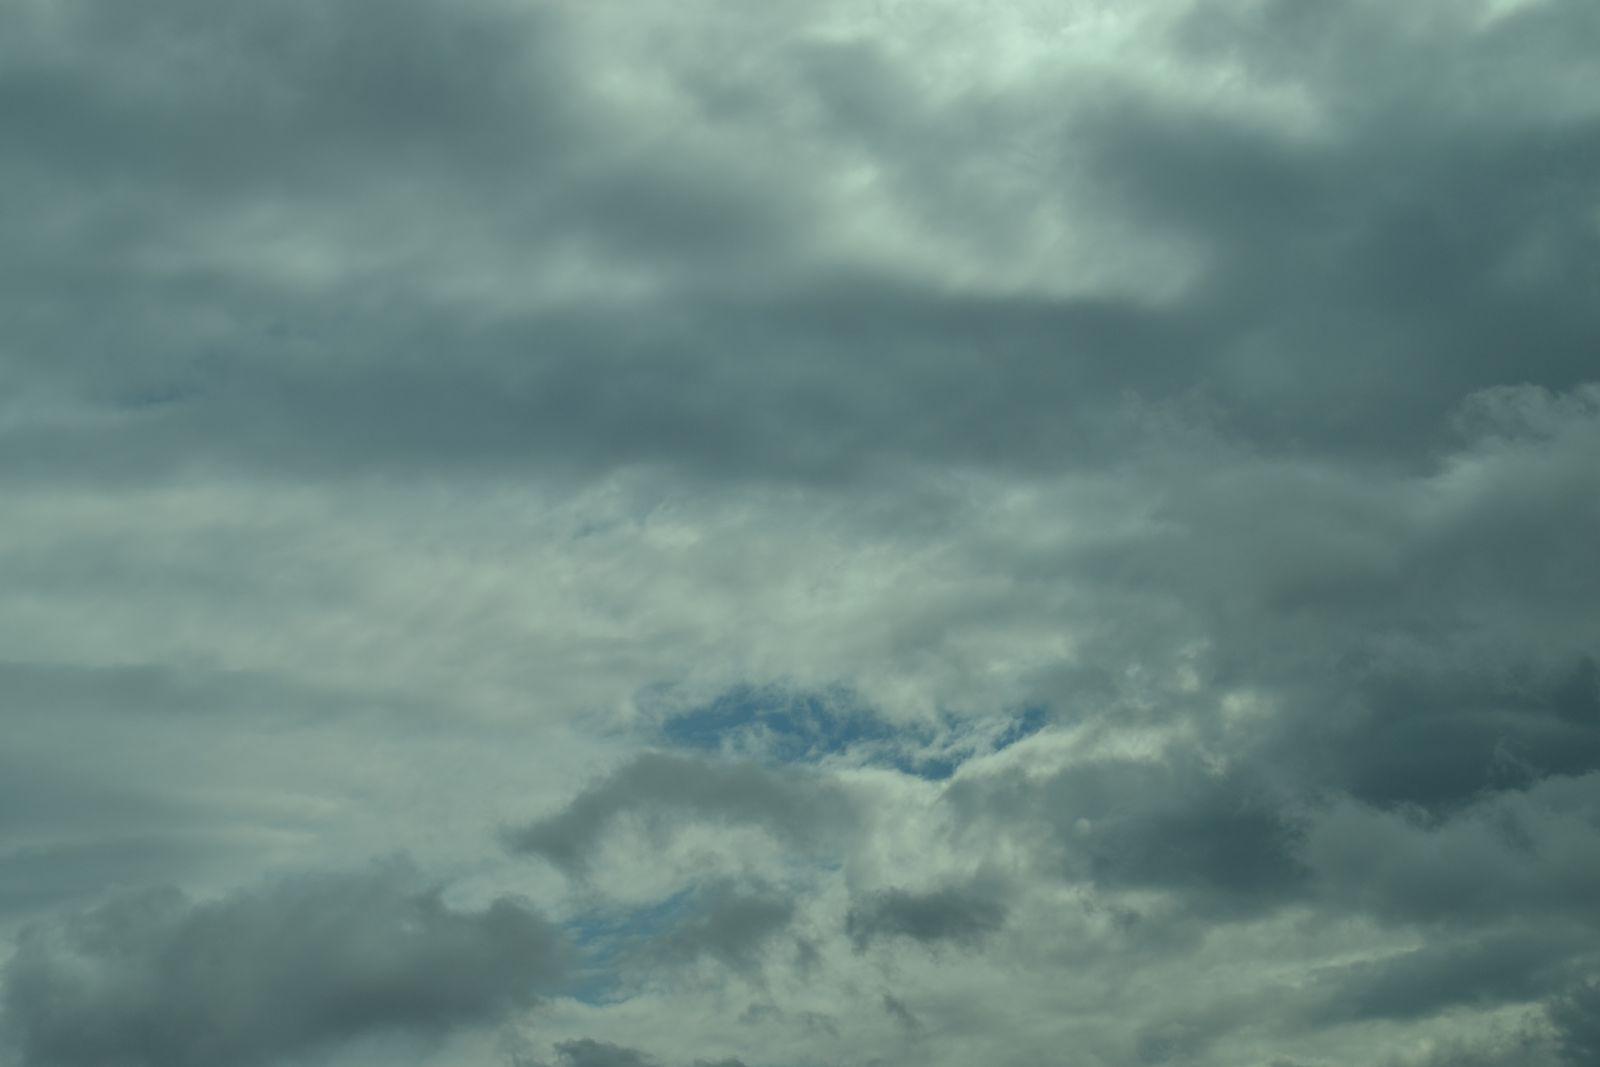 « Quand les hirondelles volent bas, les pavés se prennent pour des nuages. »